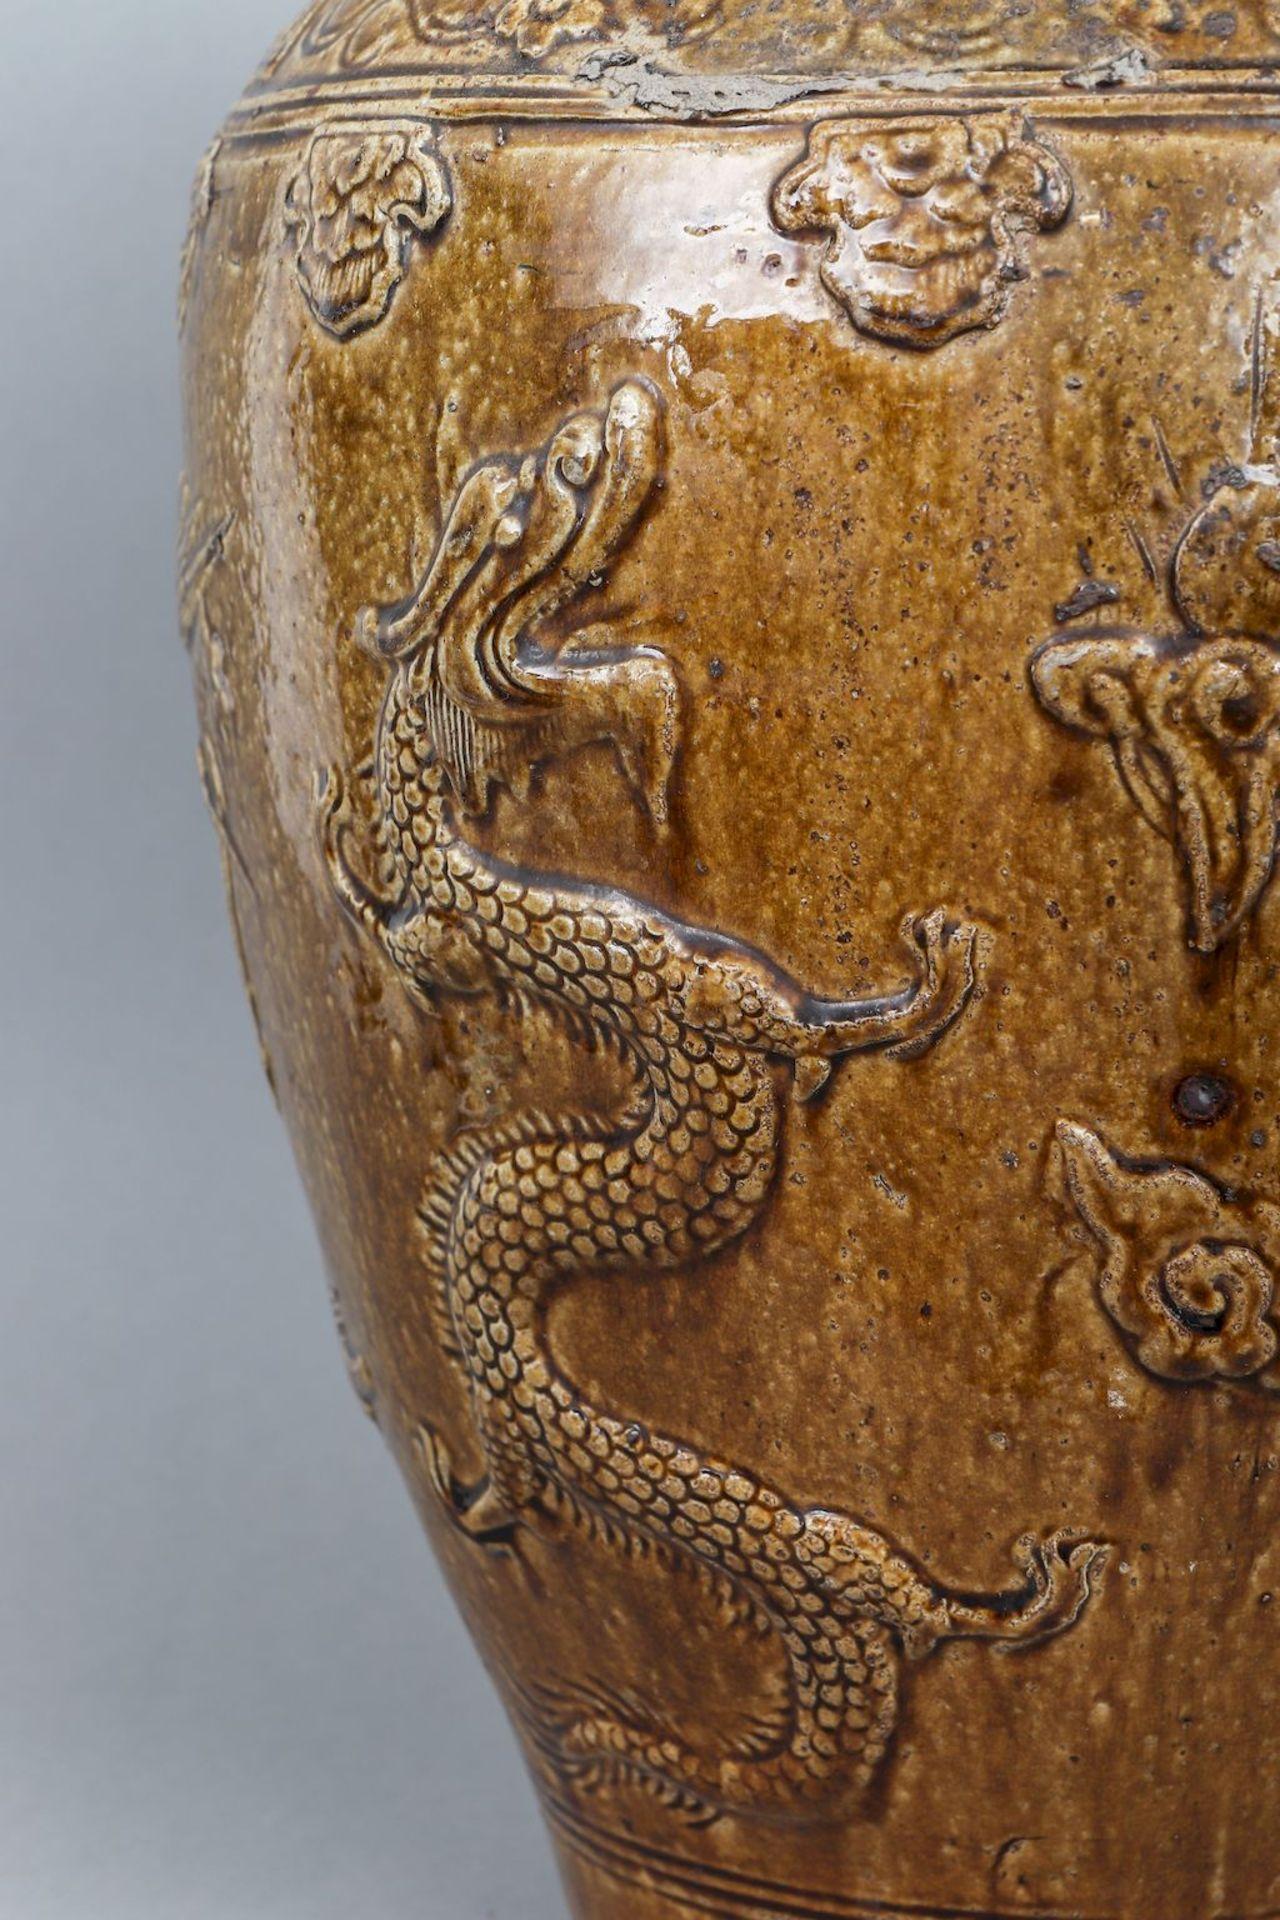 Großes chinesisches Vorratsgefäß (Martaban) - Bild 3 aus 5